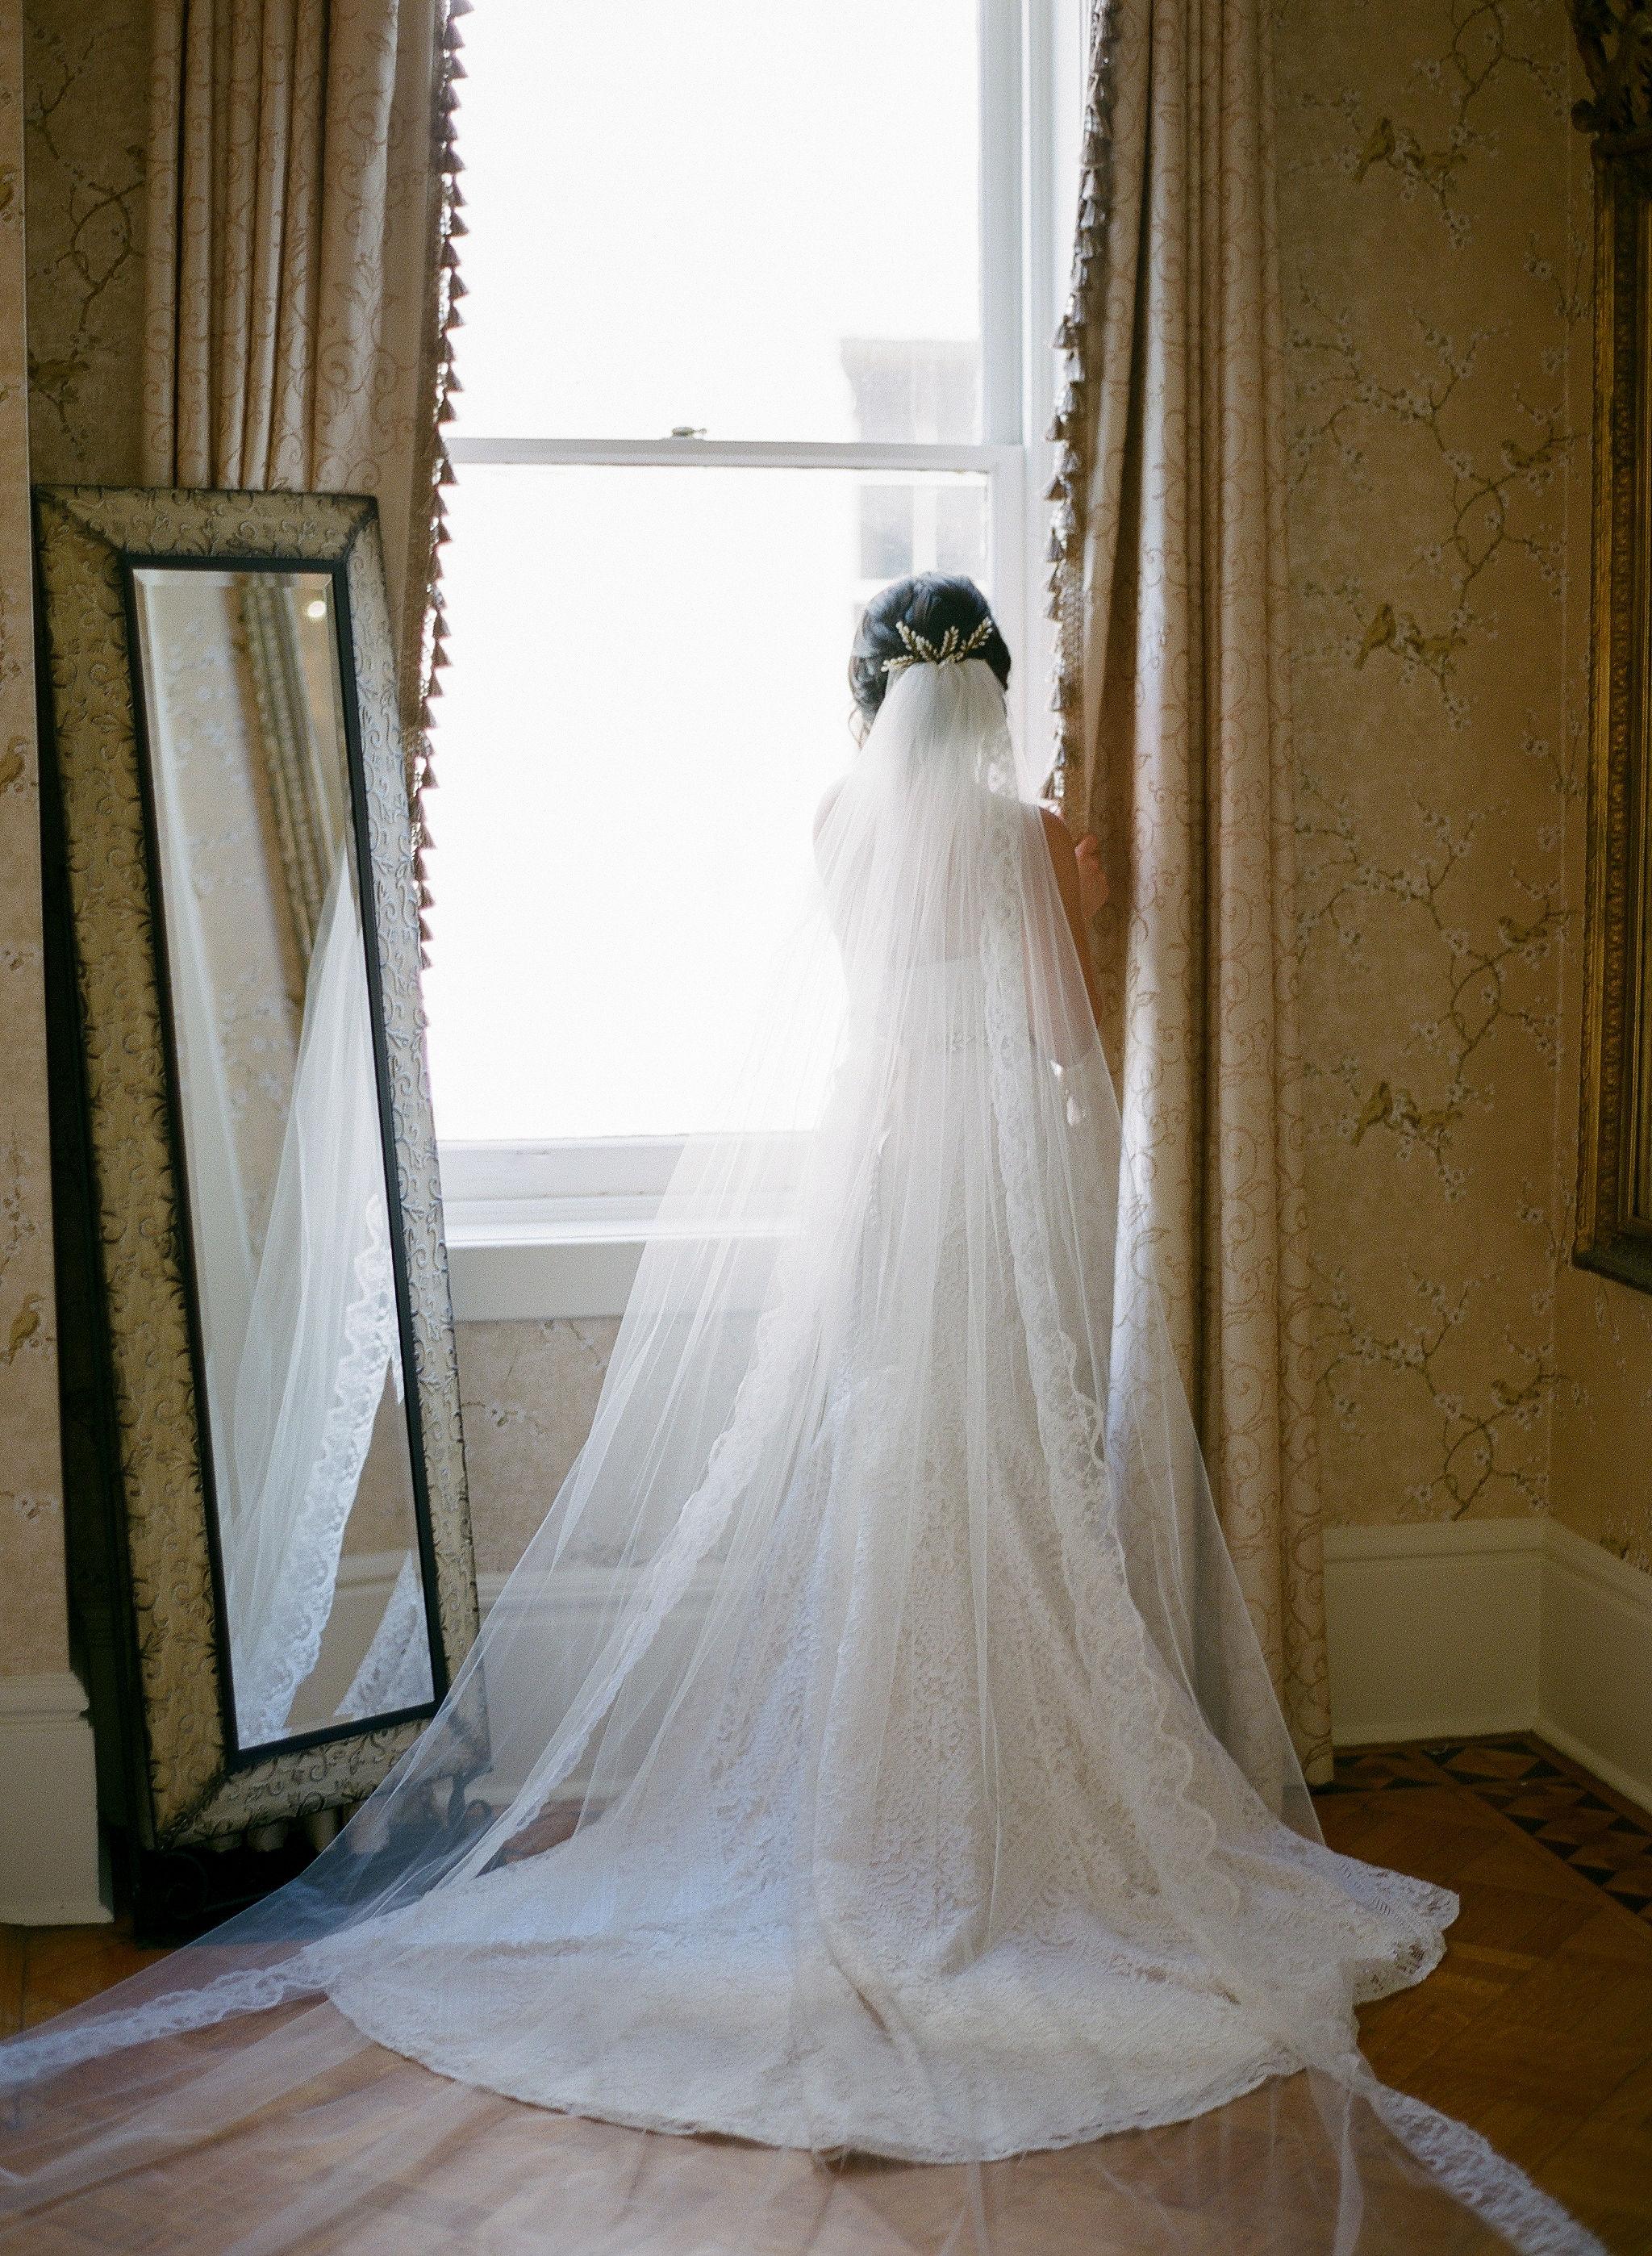 23-ivory-and-beau-bridal-boutique-wedding-dress-bridal-shop-alexjanelle_joshmorehousephotography-54.jpg